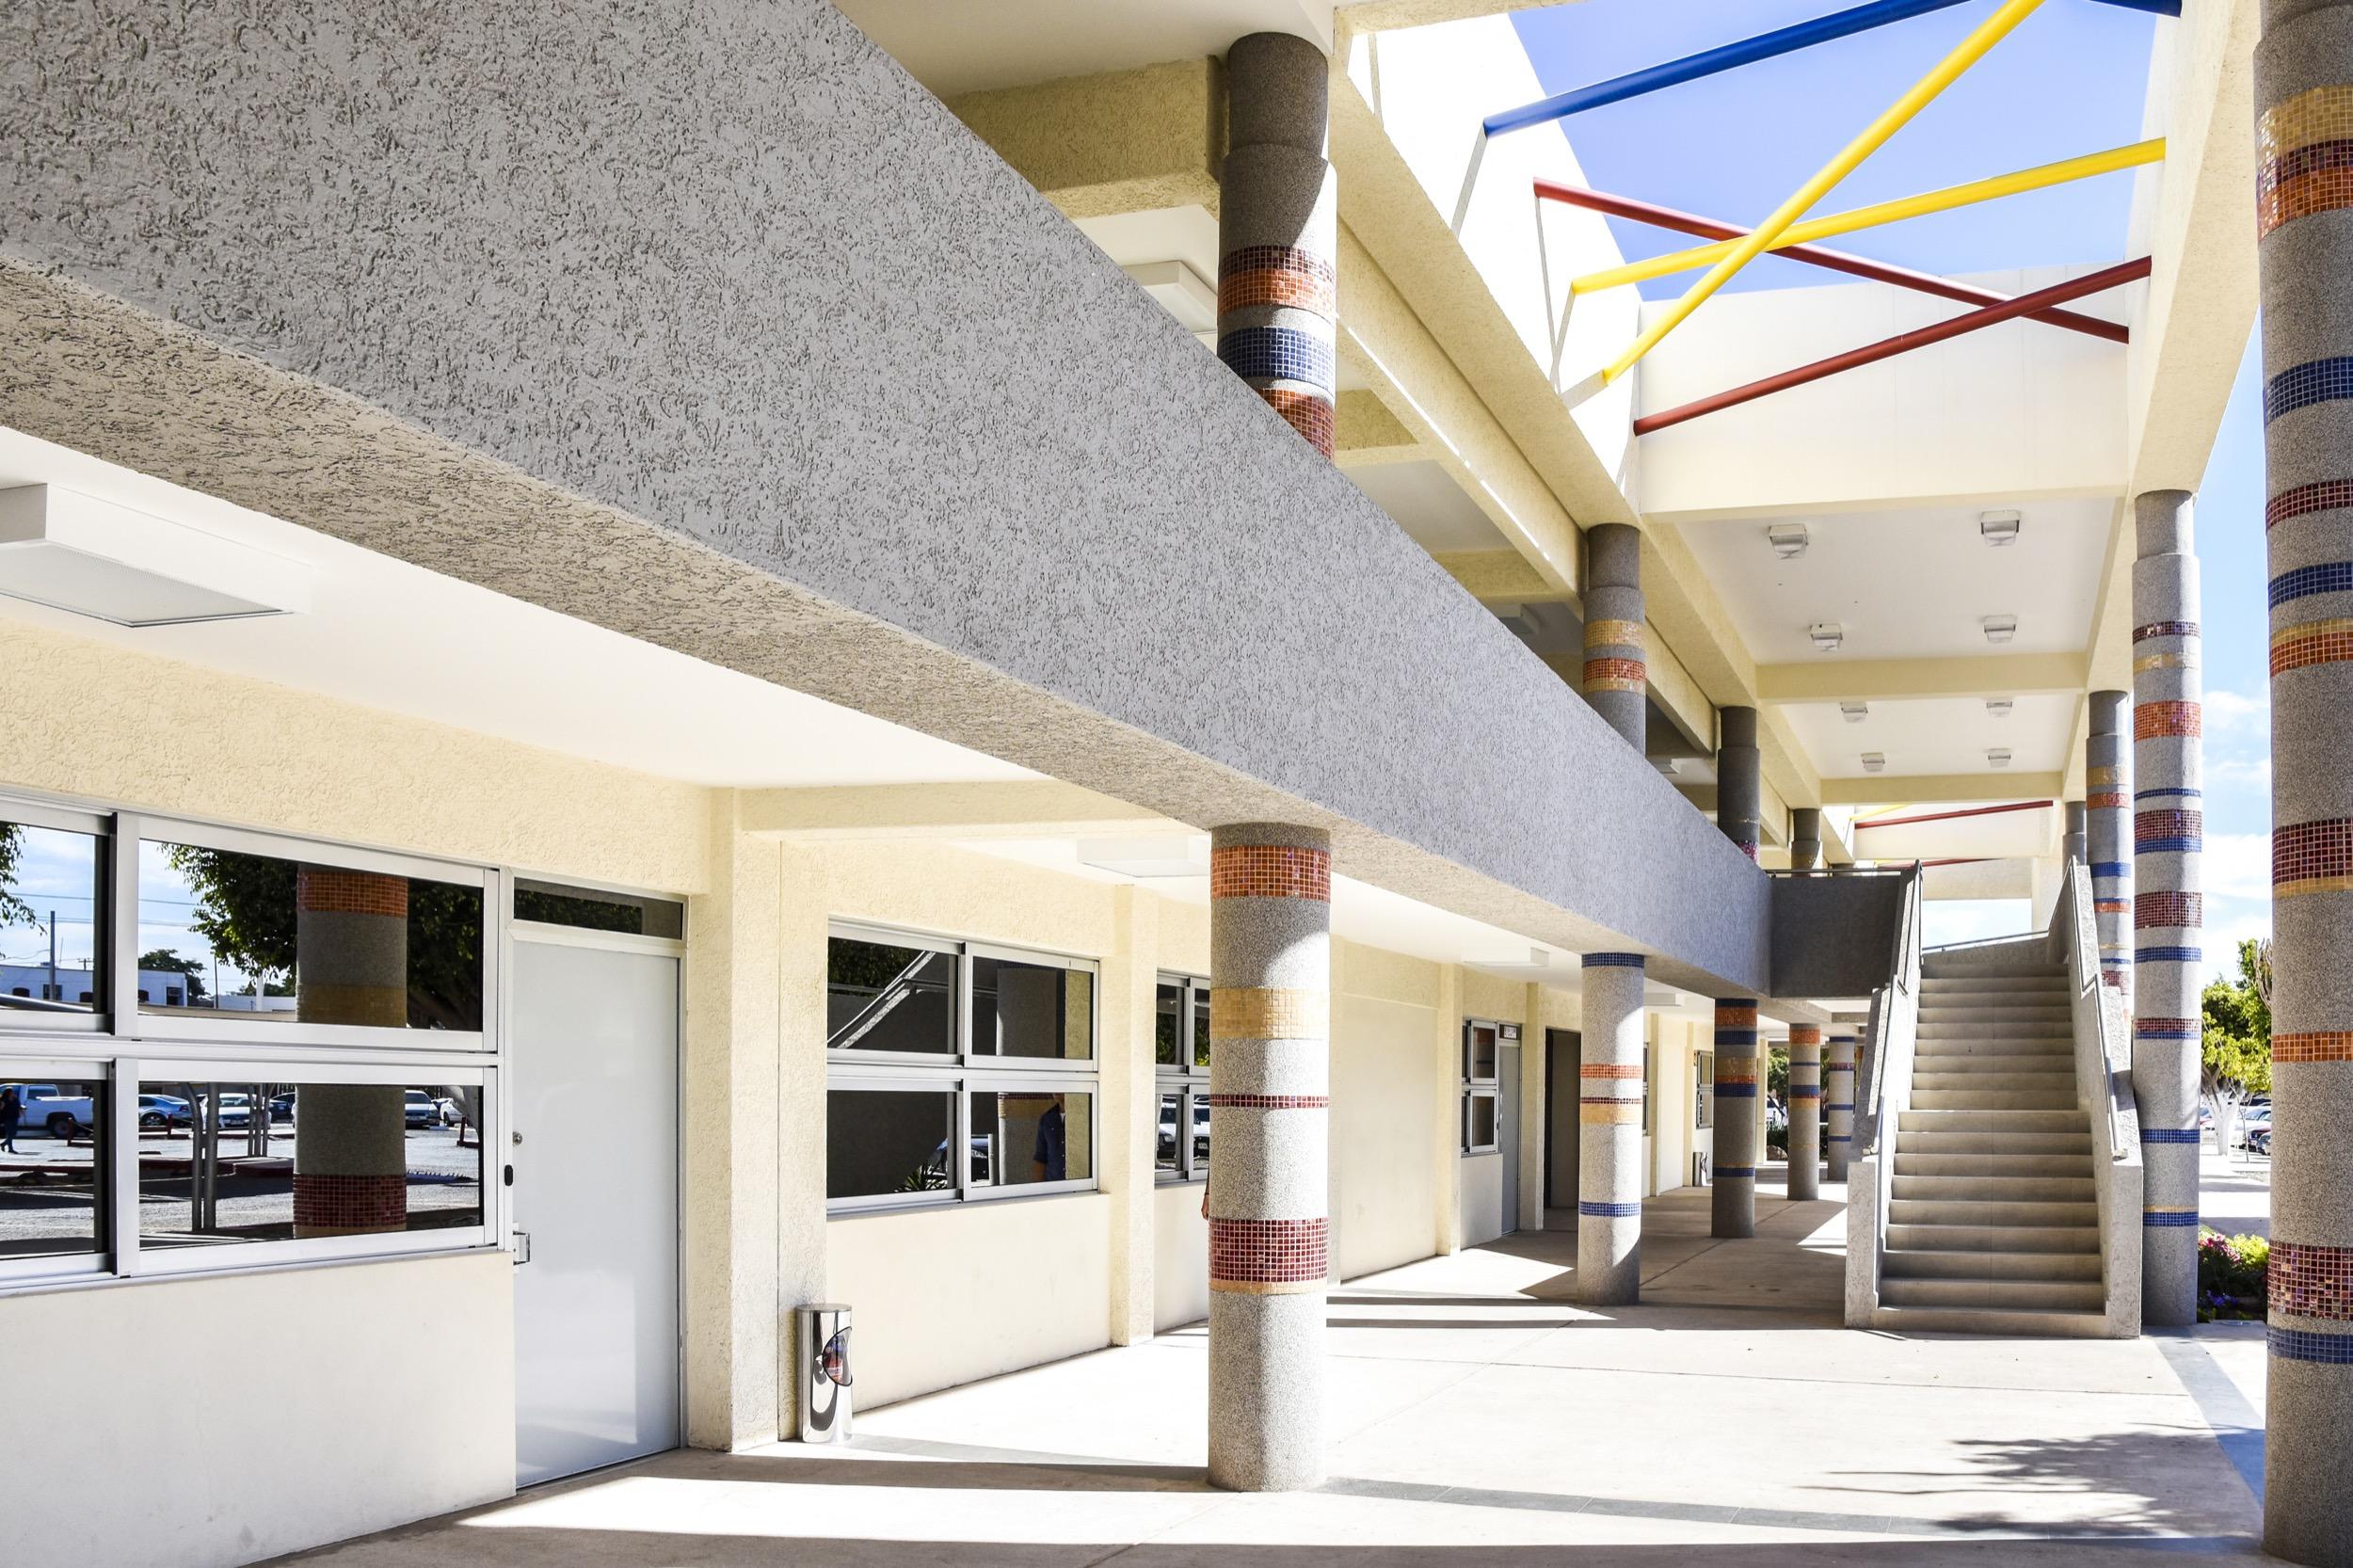 03-VBS-006 CENTRO DE IDIOMAS ITSON.jpg